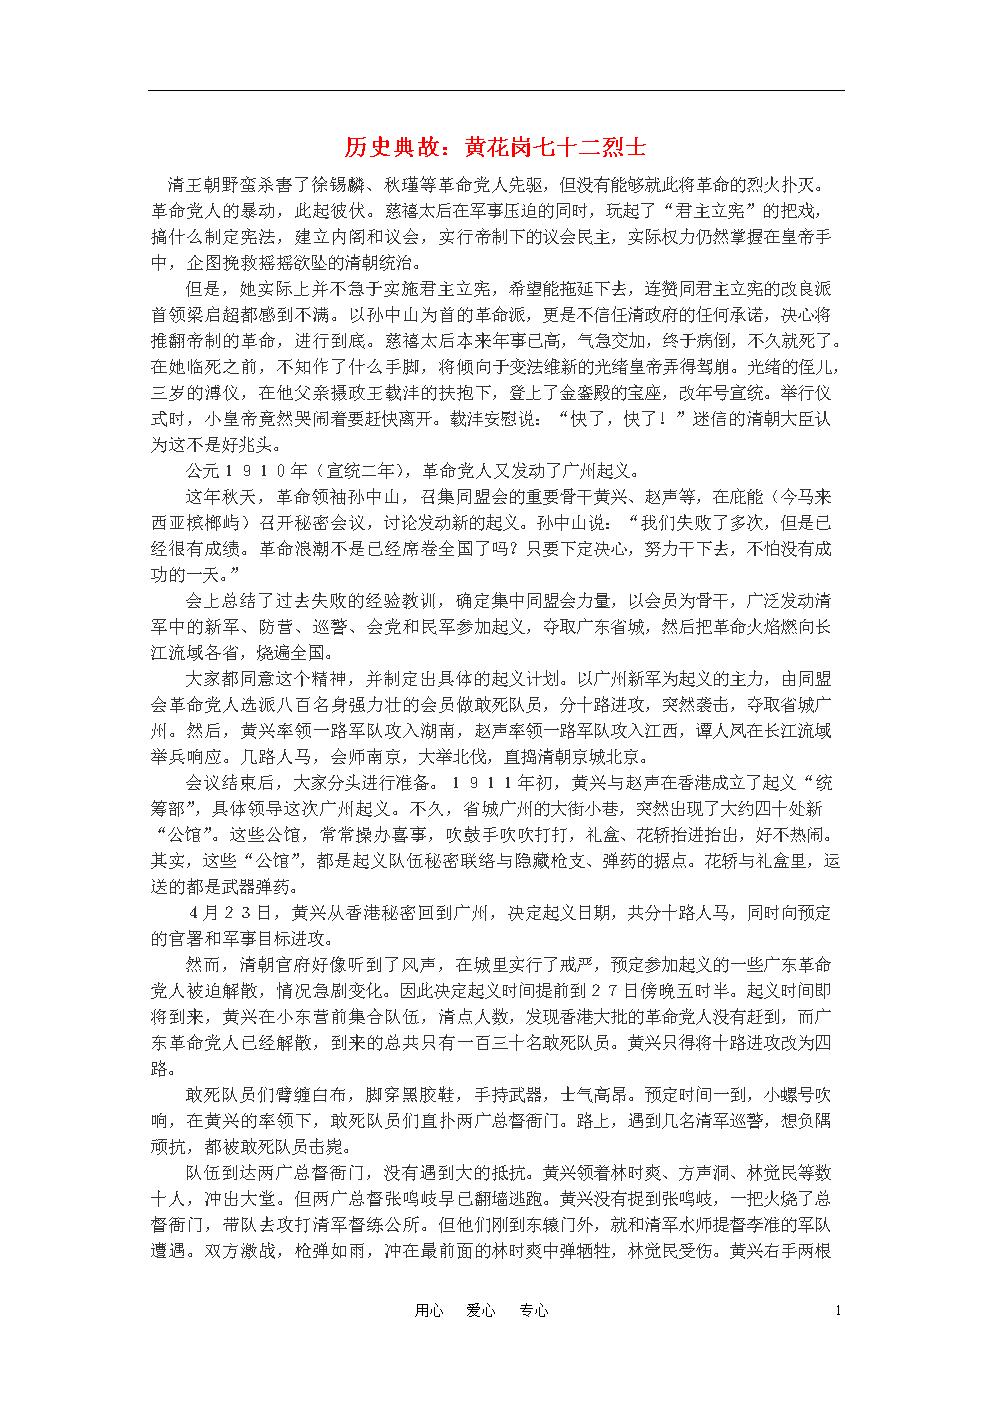 高中语文 历史典故:黄花岗七十二烈士作文素材.doc